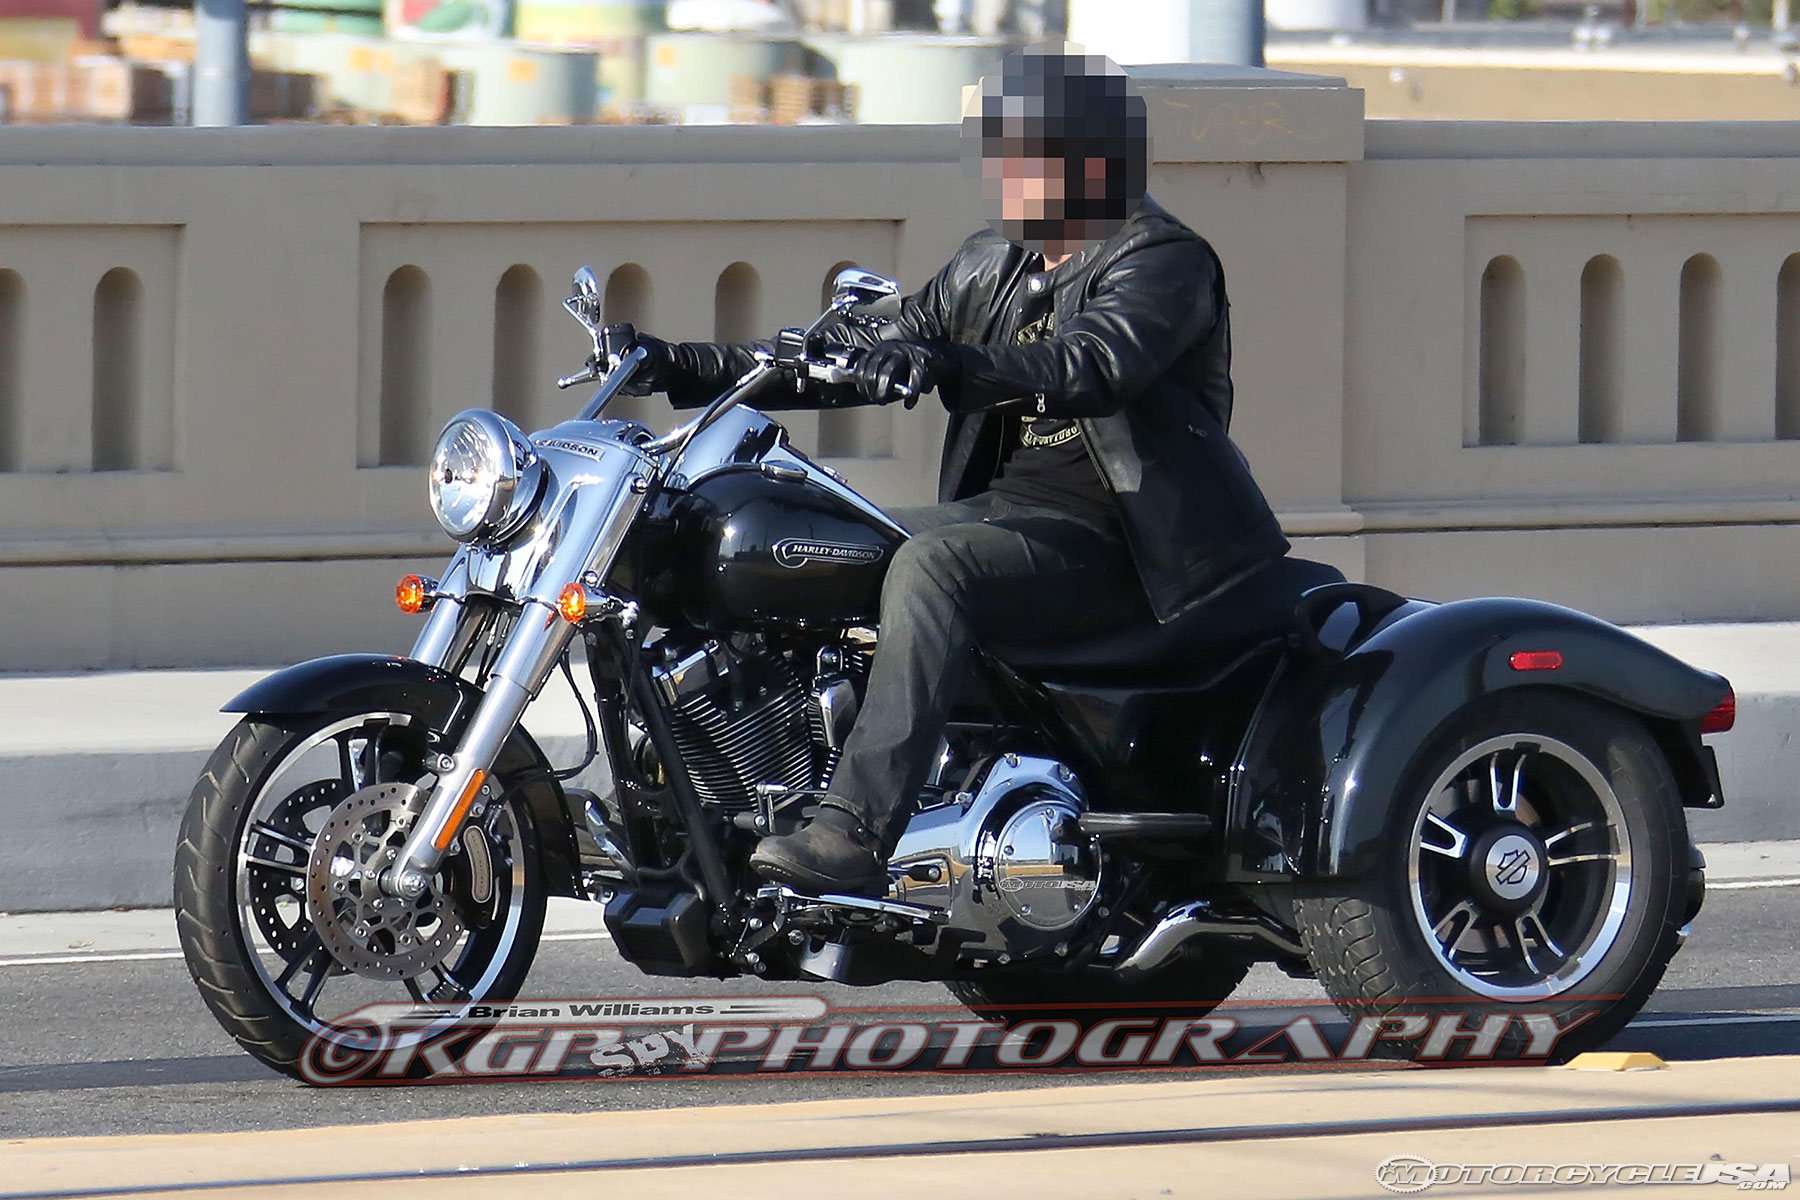 2015 Harley Davidson Freewheeler Trike Spy Shots